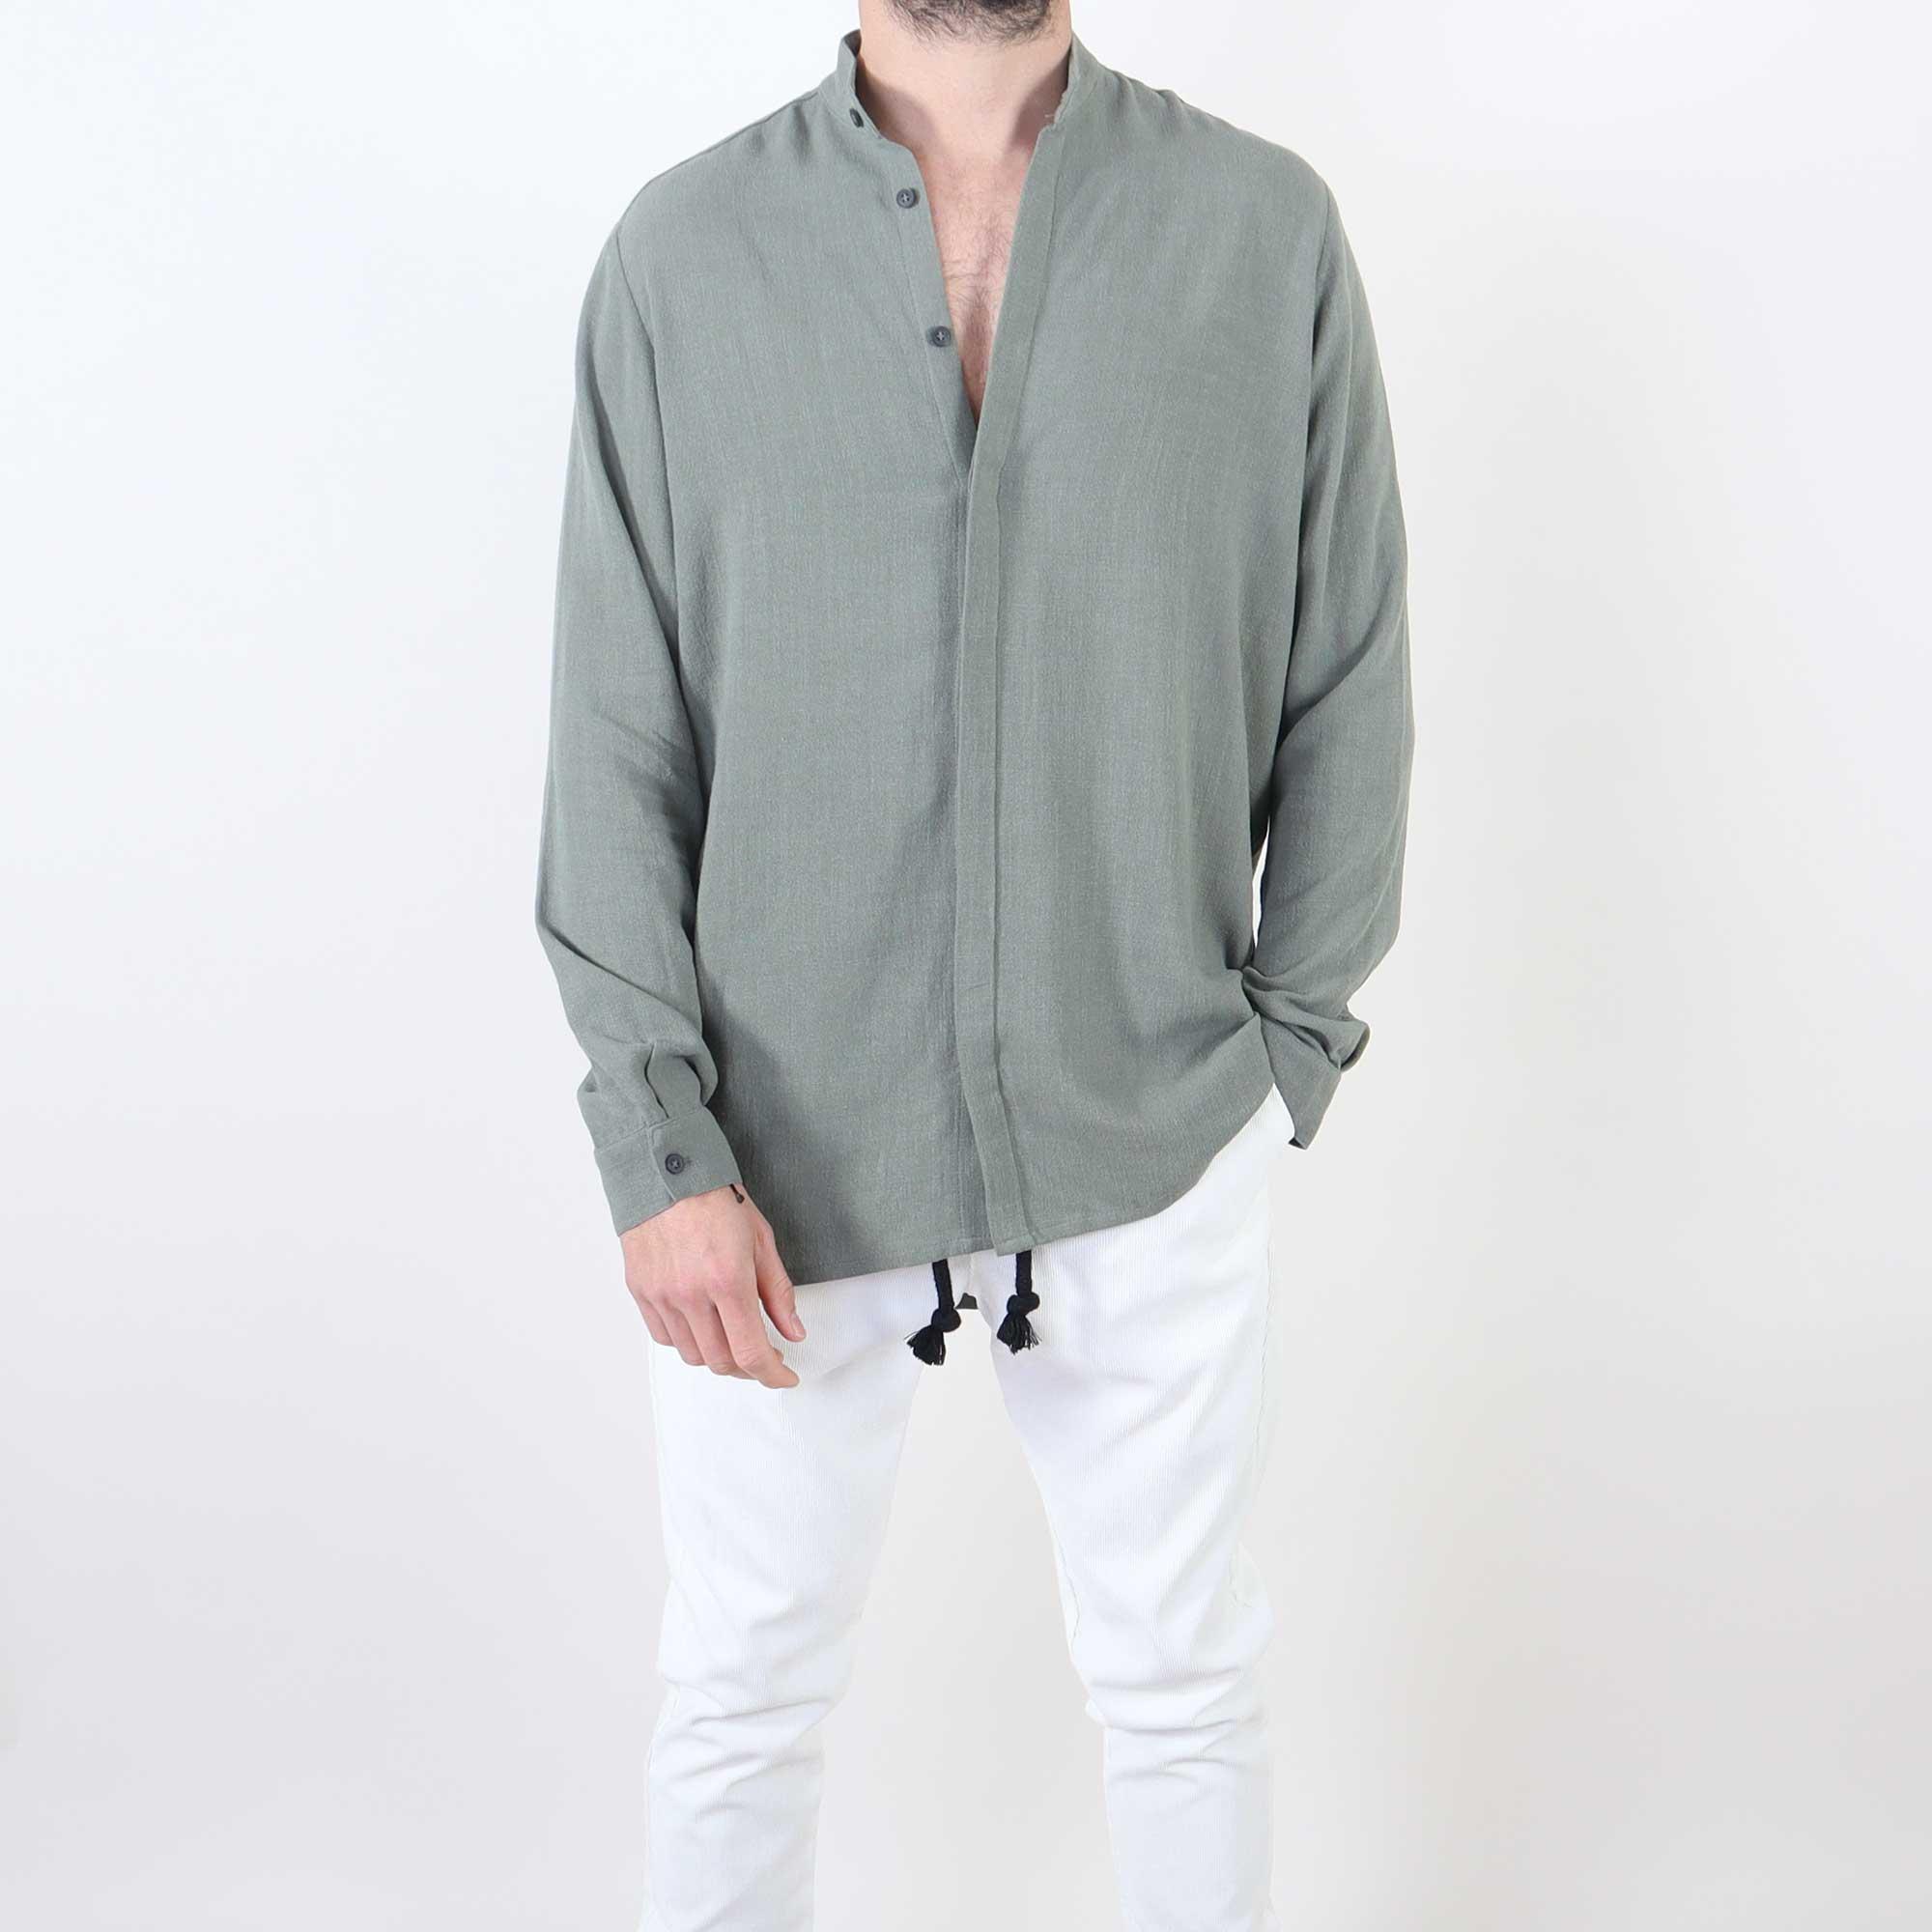 zippy-groen-4